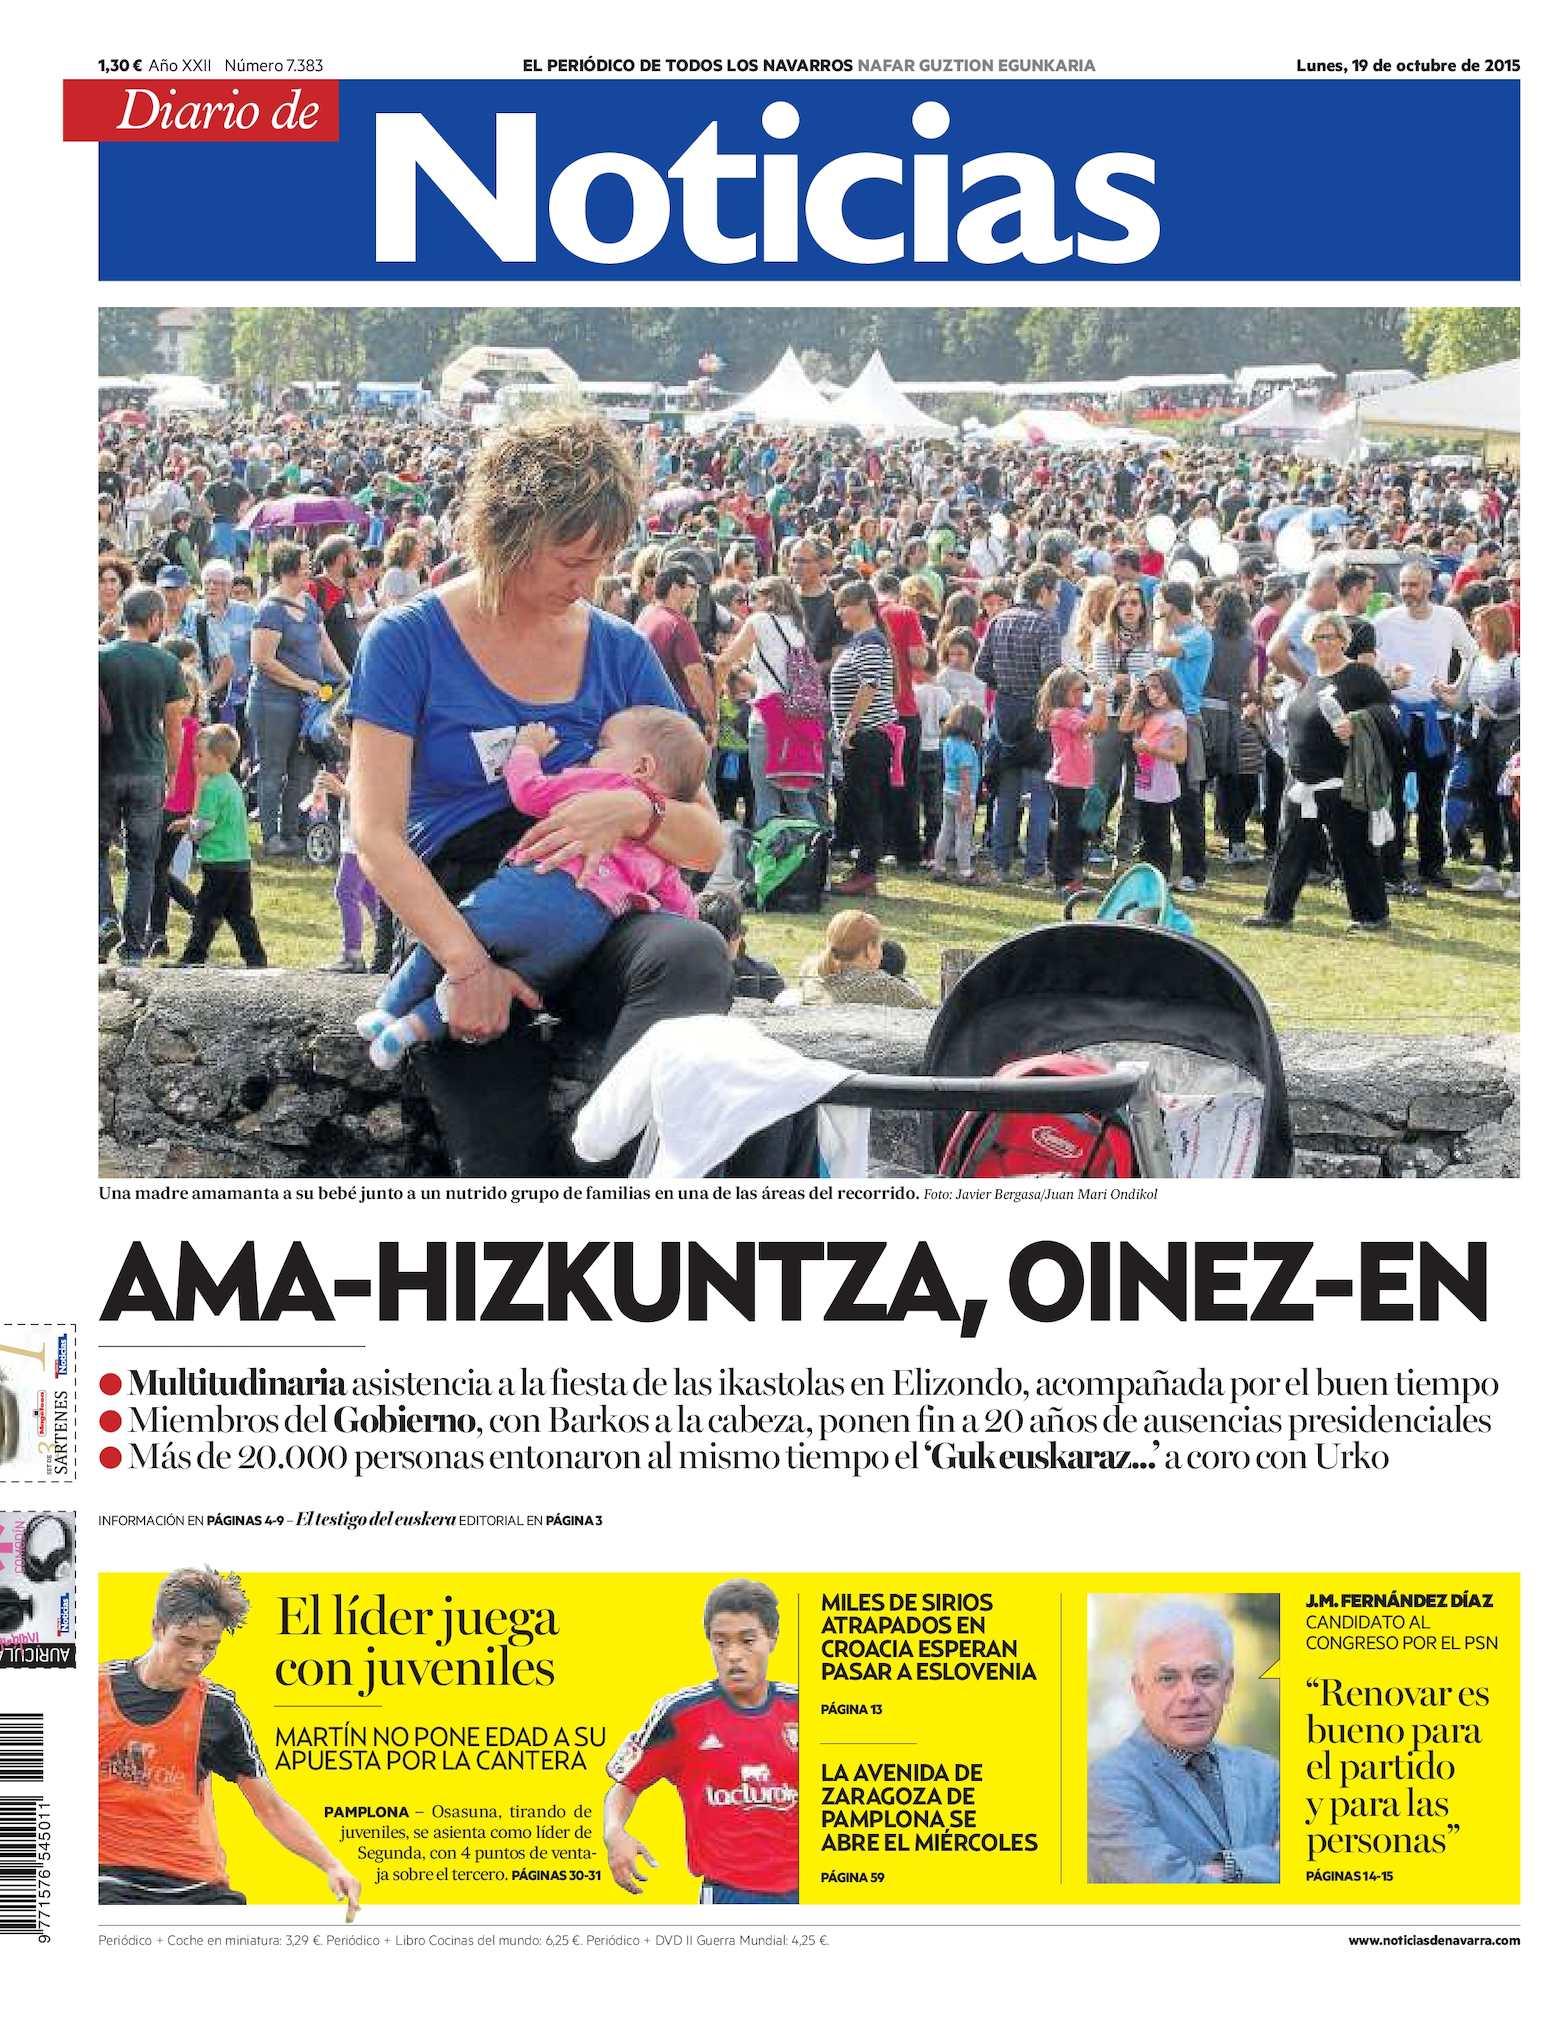 Calaméo Diario Diario De 20151019 Noticias 20151019 Calaméo Noticias De BdCerxo